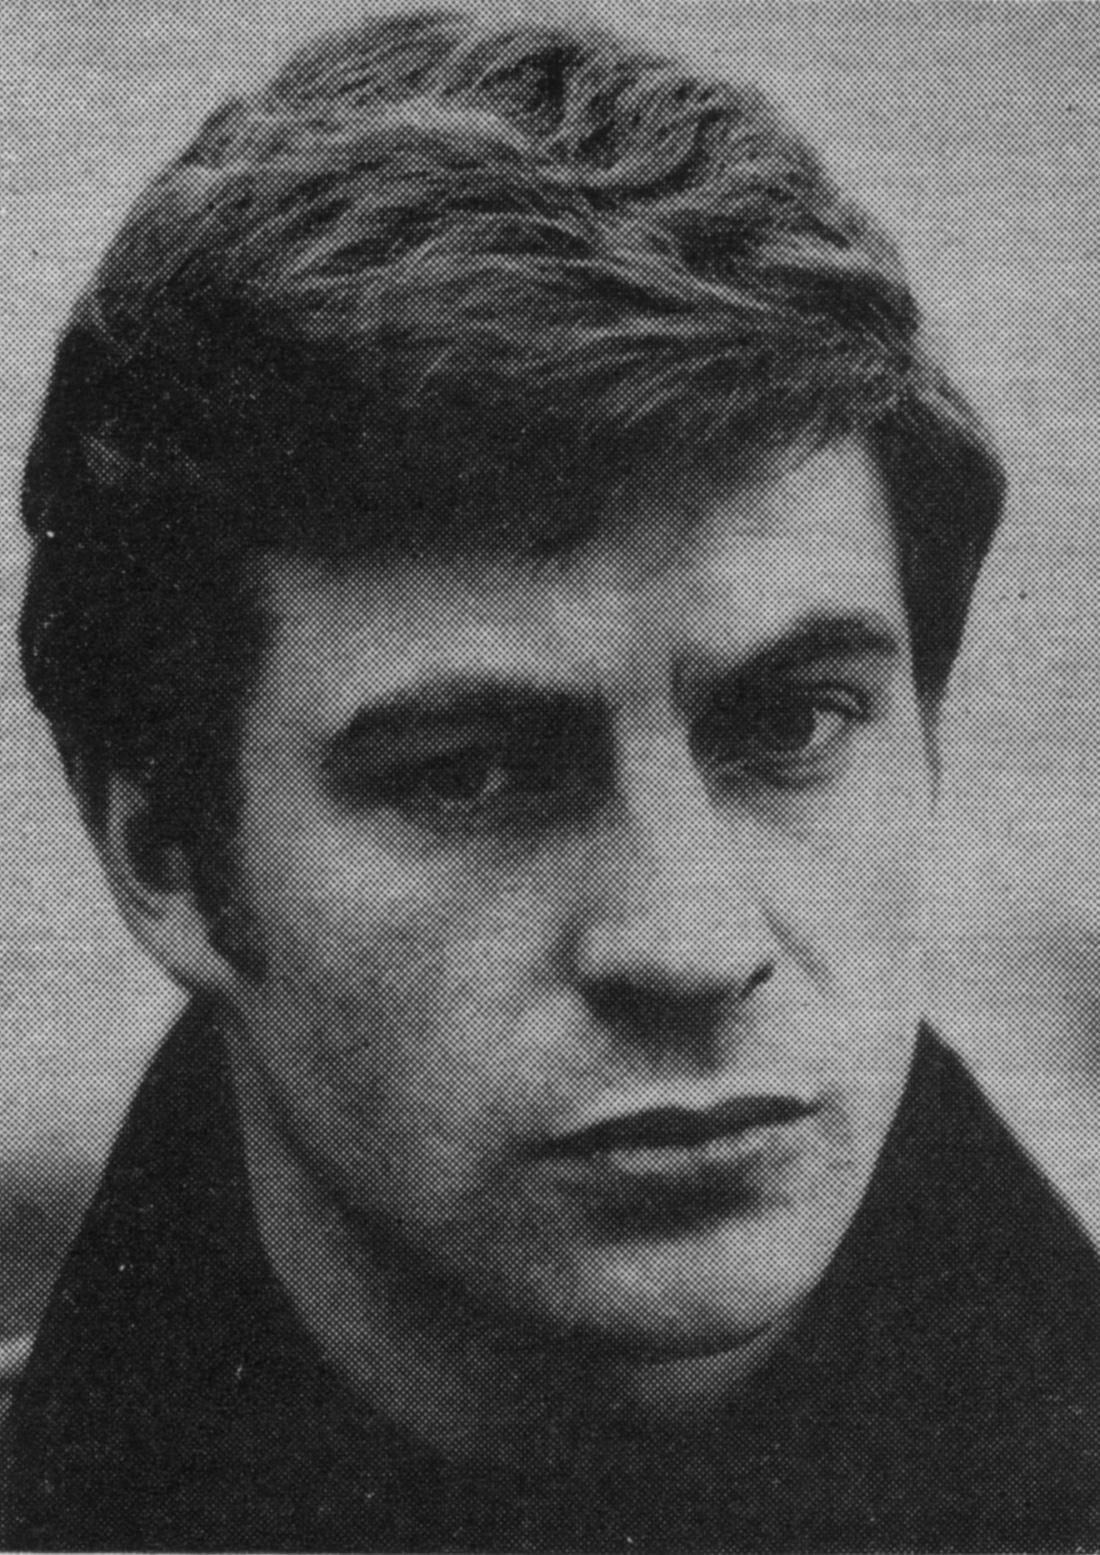 Poze John Castle - Actor - Poza 4 din 13 - CineMagia.ro